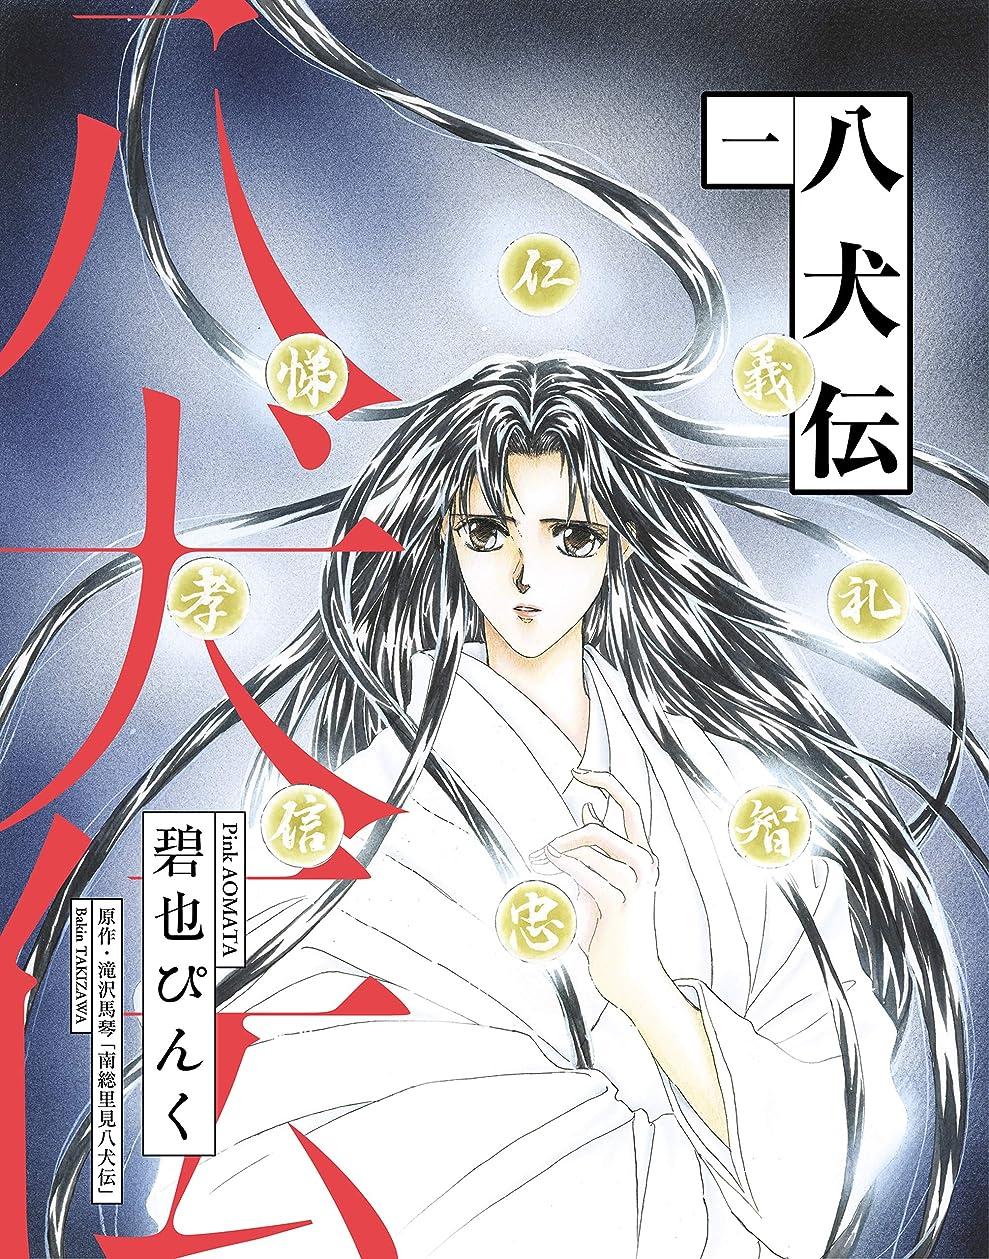 同情三番と組む八犬伝(1) (ウィングス?コミックス)